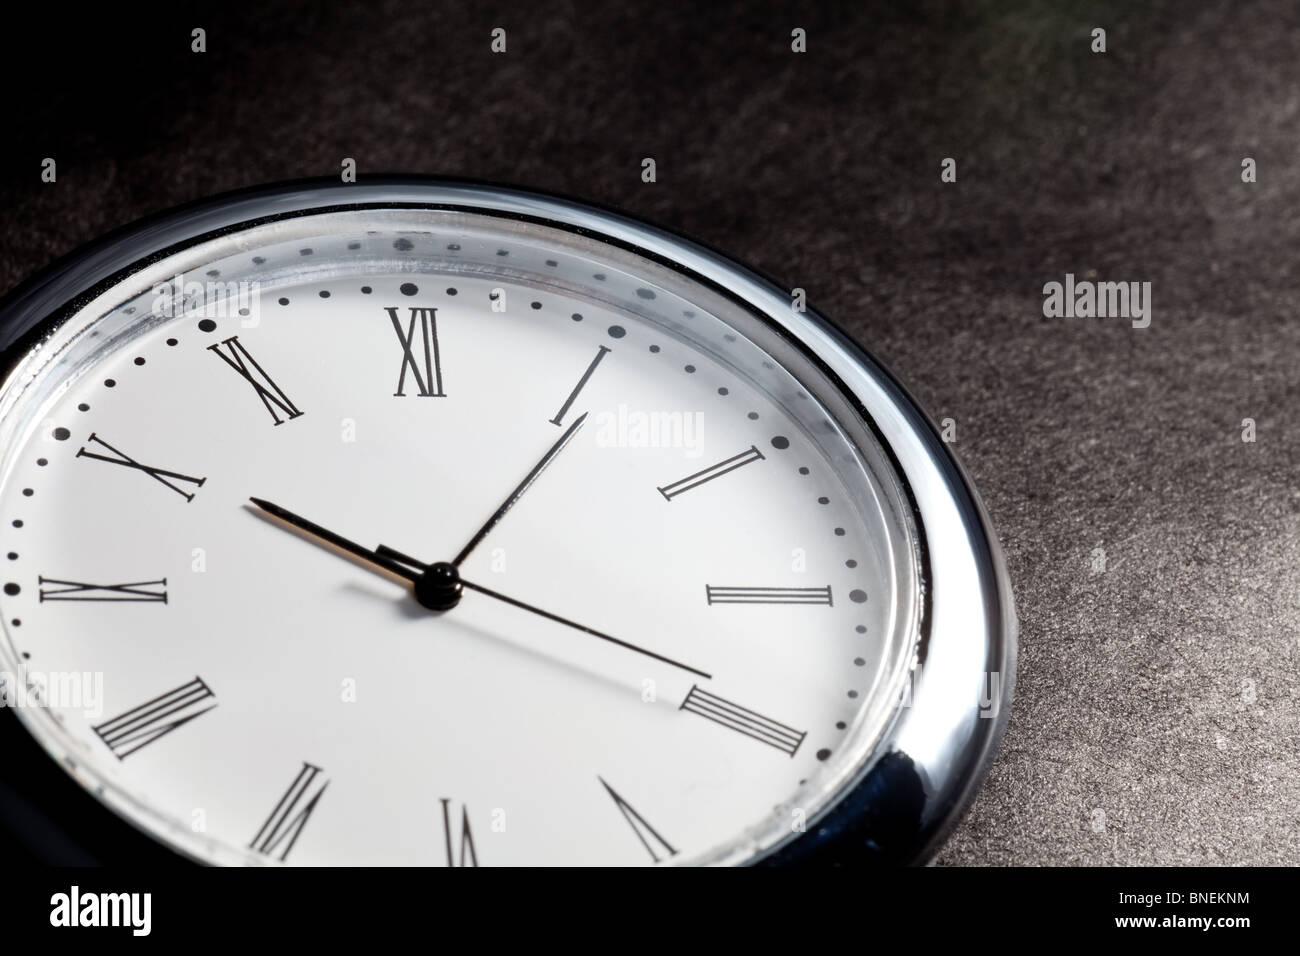 Réveil close up avec fond sombre Photo Stock